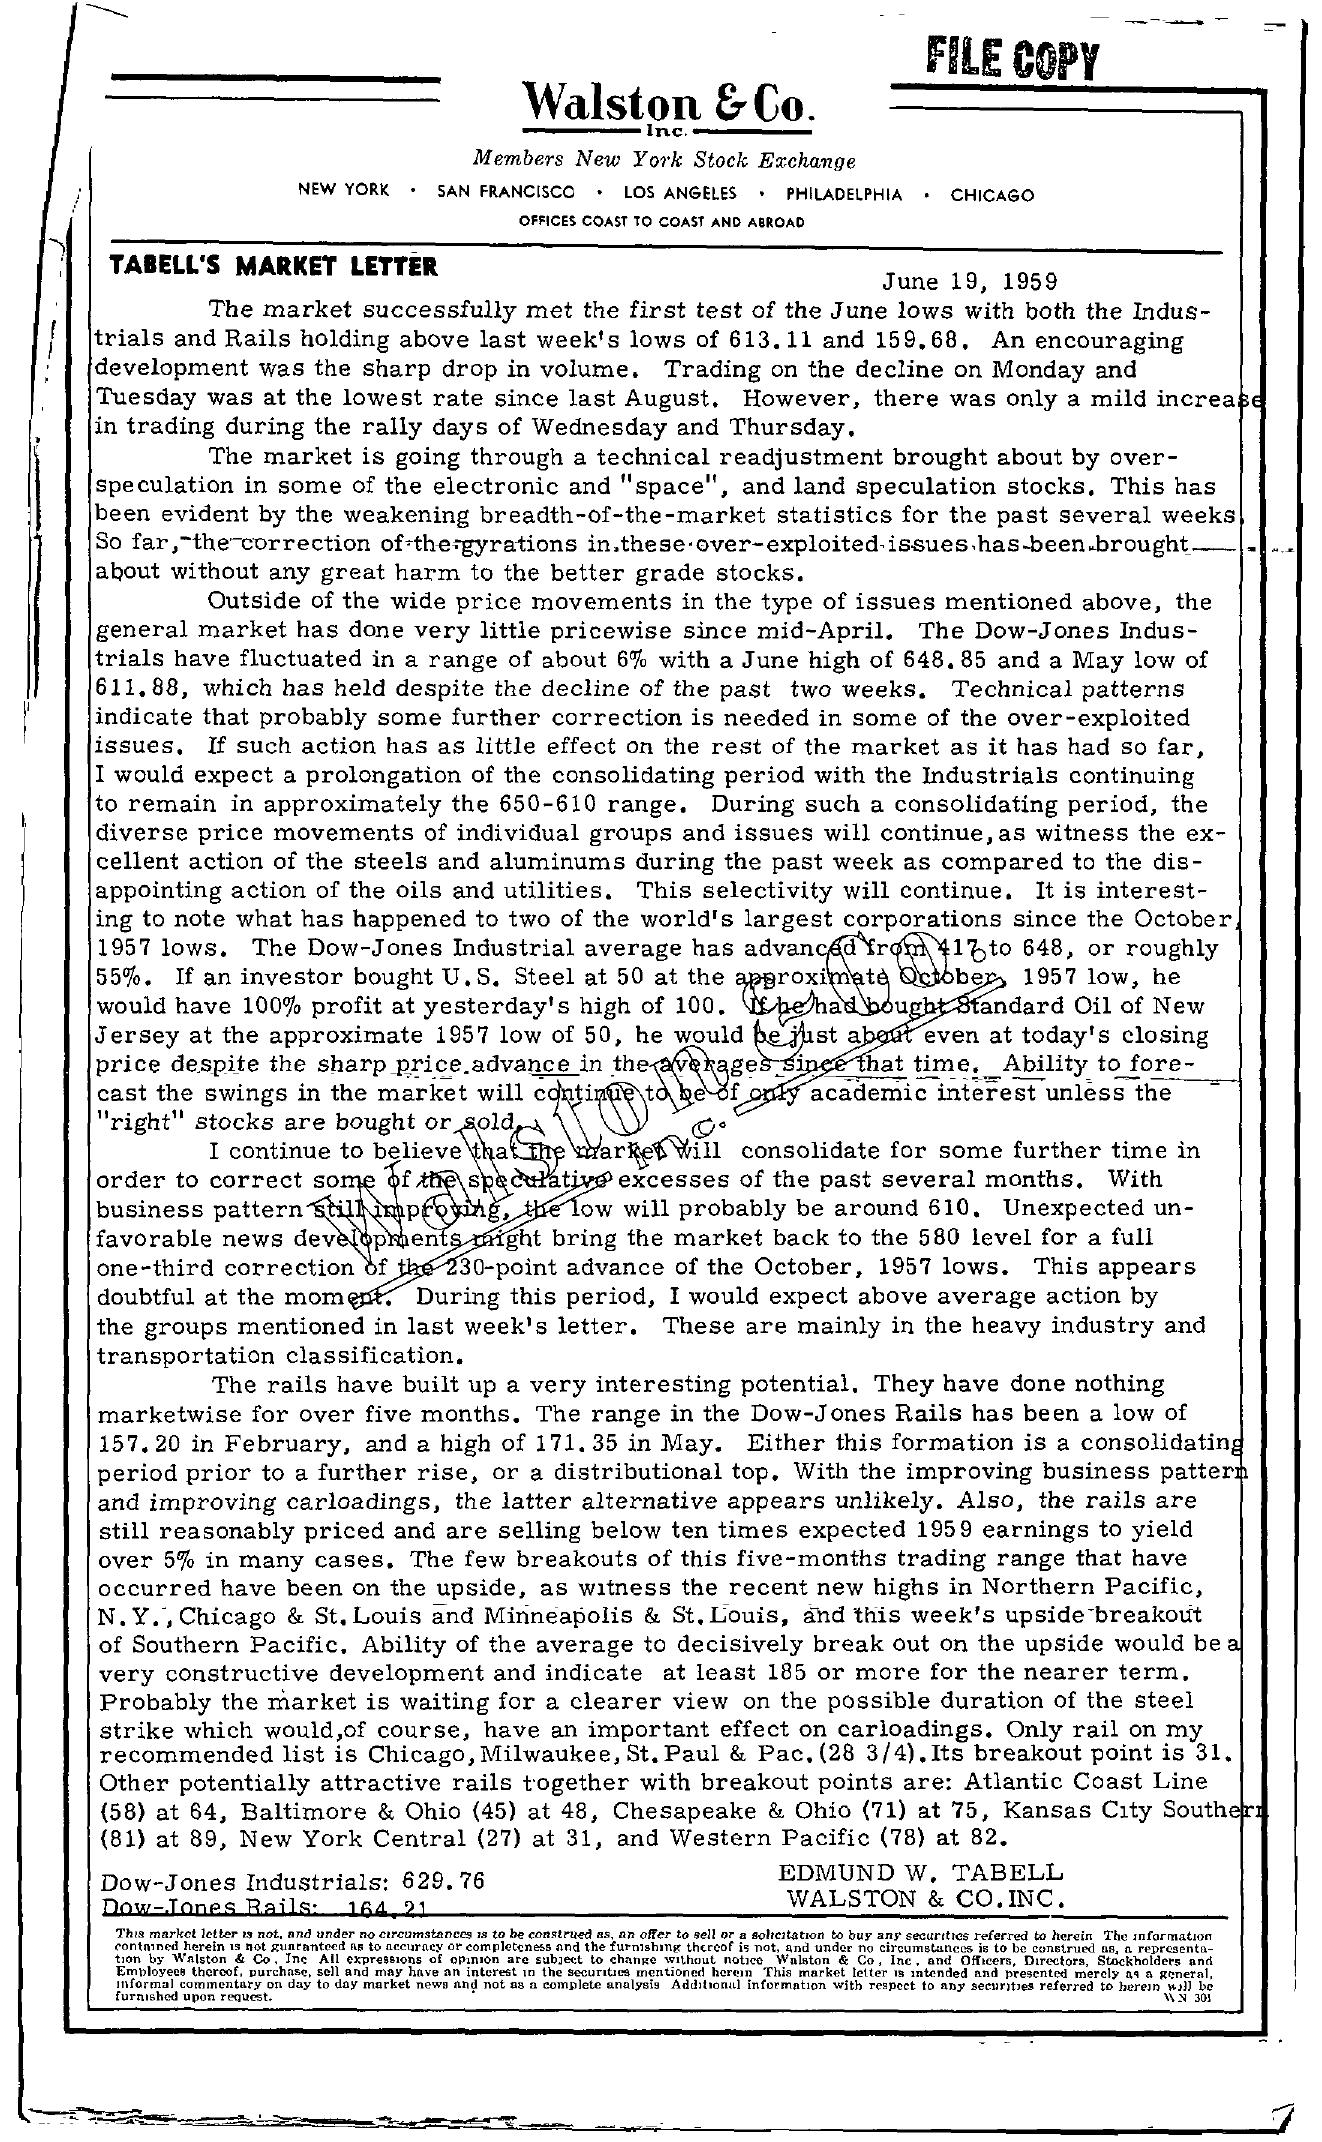 Tabell's Market Letter - June 19, 1959